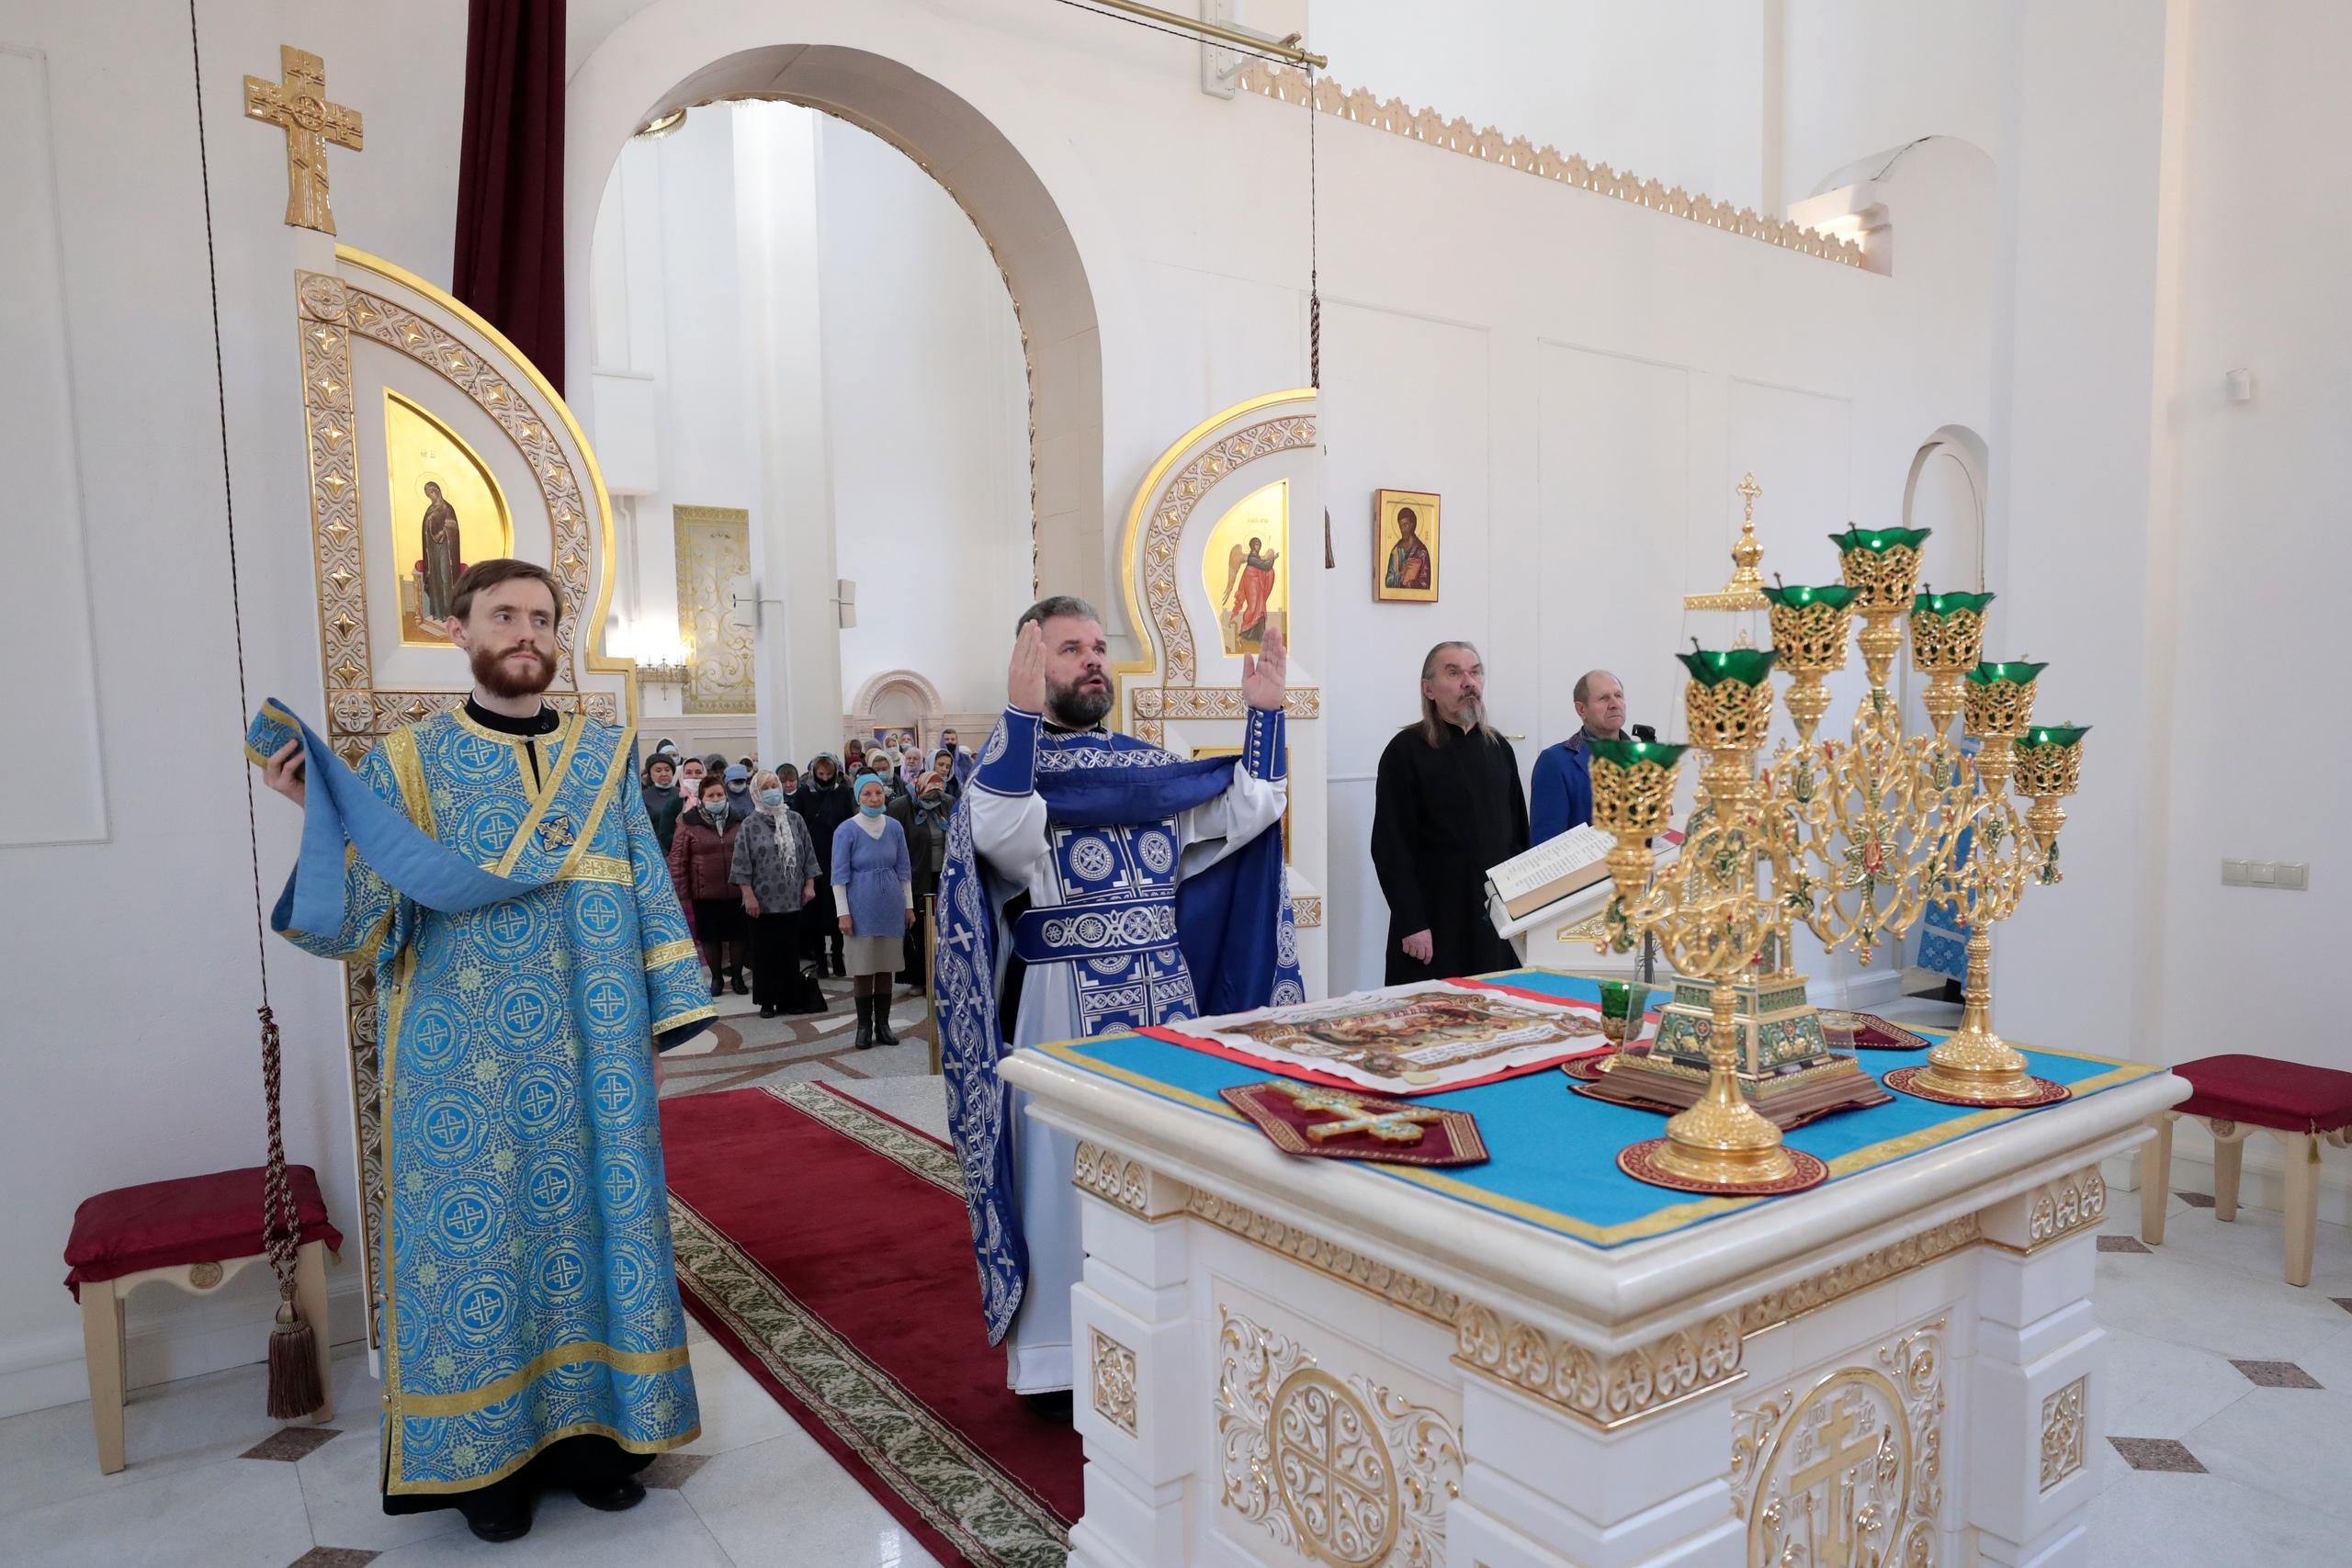 Празднование в честь Казанской иконы Божией Матери в храме блаженной Матроны Московской